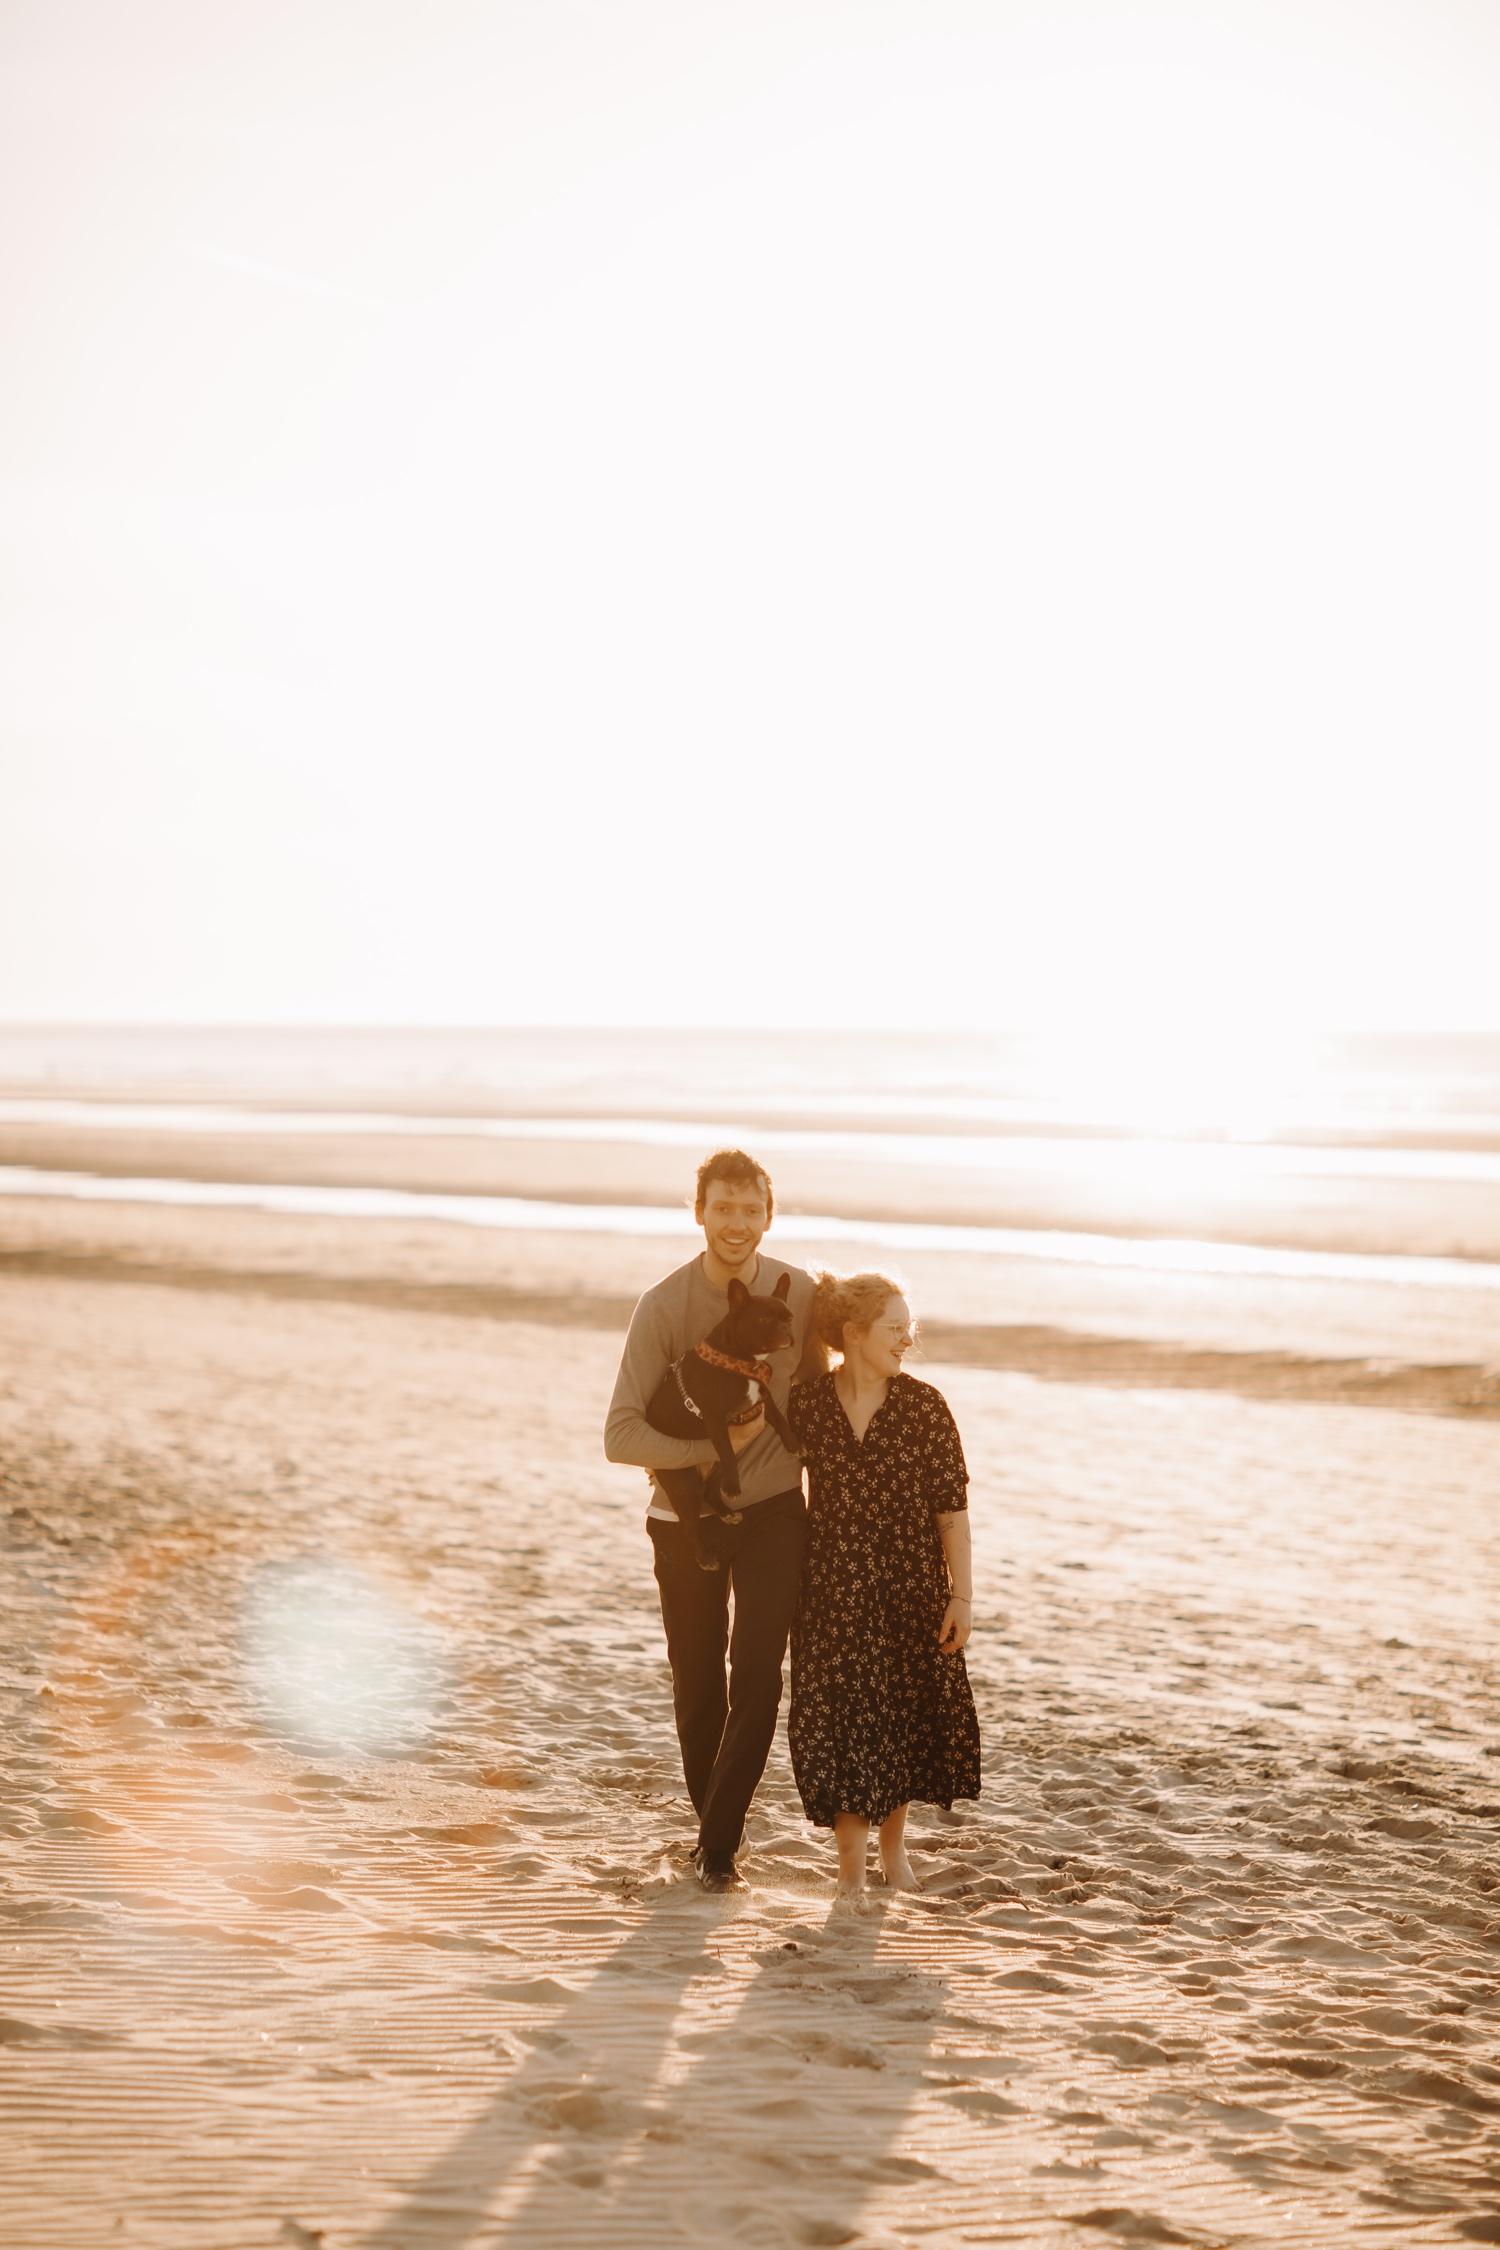 koppelsessie koppelfotografie tussen de duinen zee